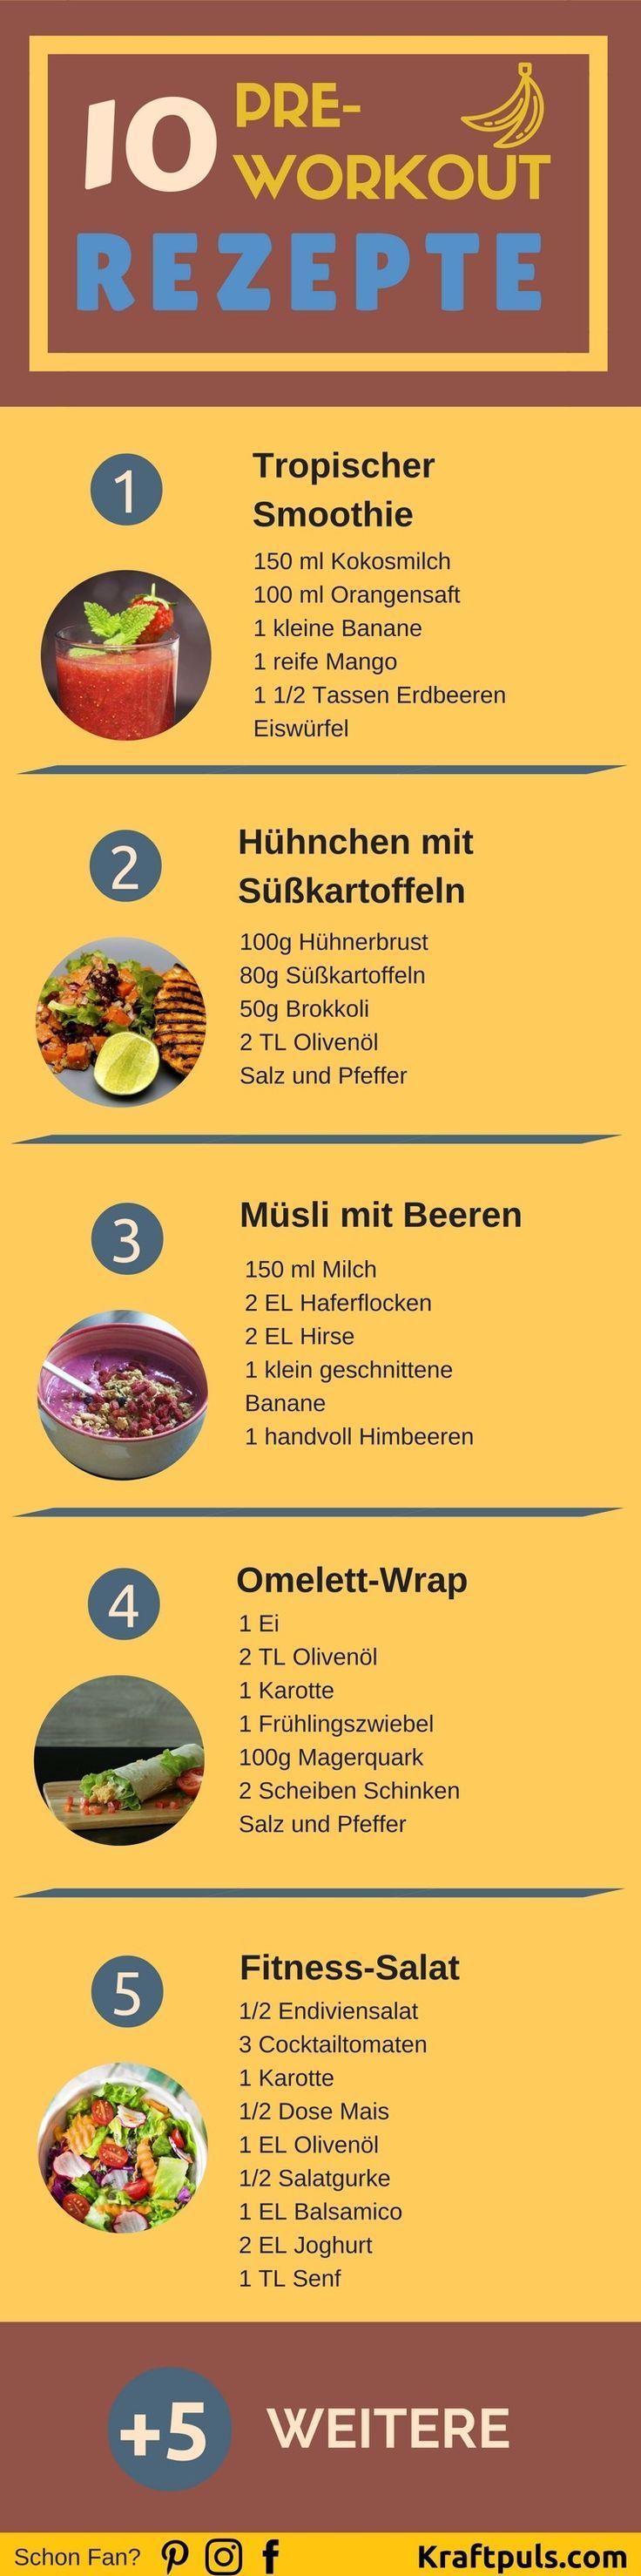 Pre-Workout Rezepte: Das richtige Essen vor dem Training ❤️ Hier 10 Rezepte für die optimale Ernähru...